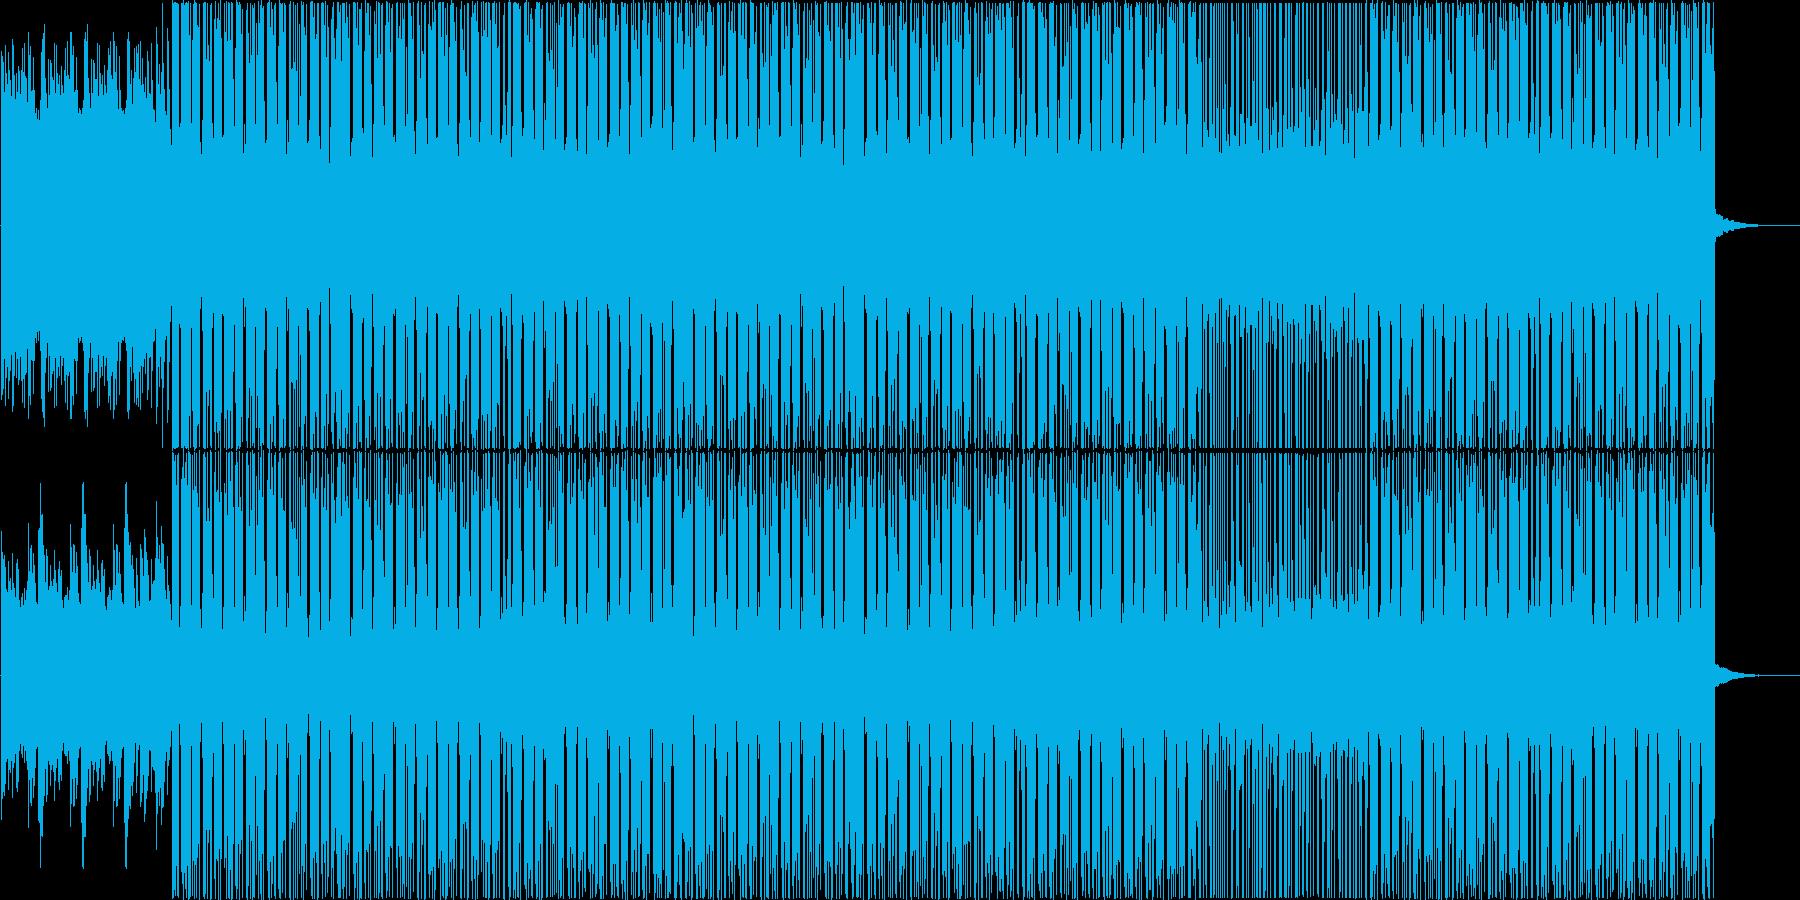 映像作品のBGMやリラックスタイムにの再生済みの波形